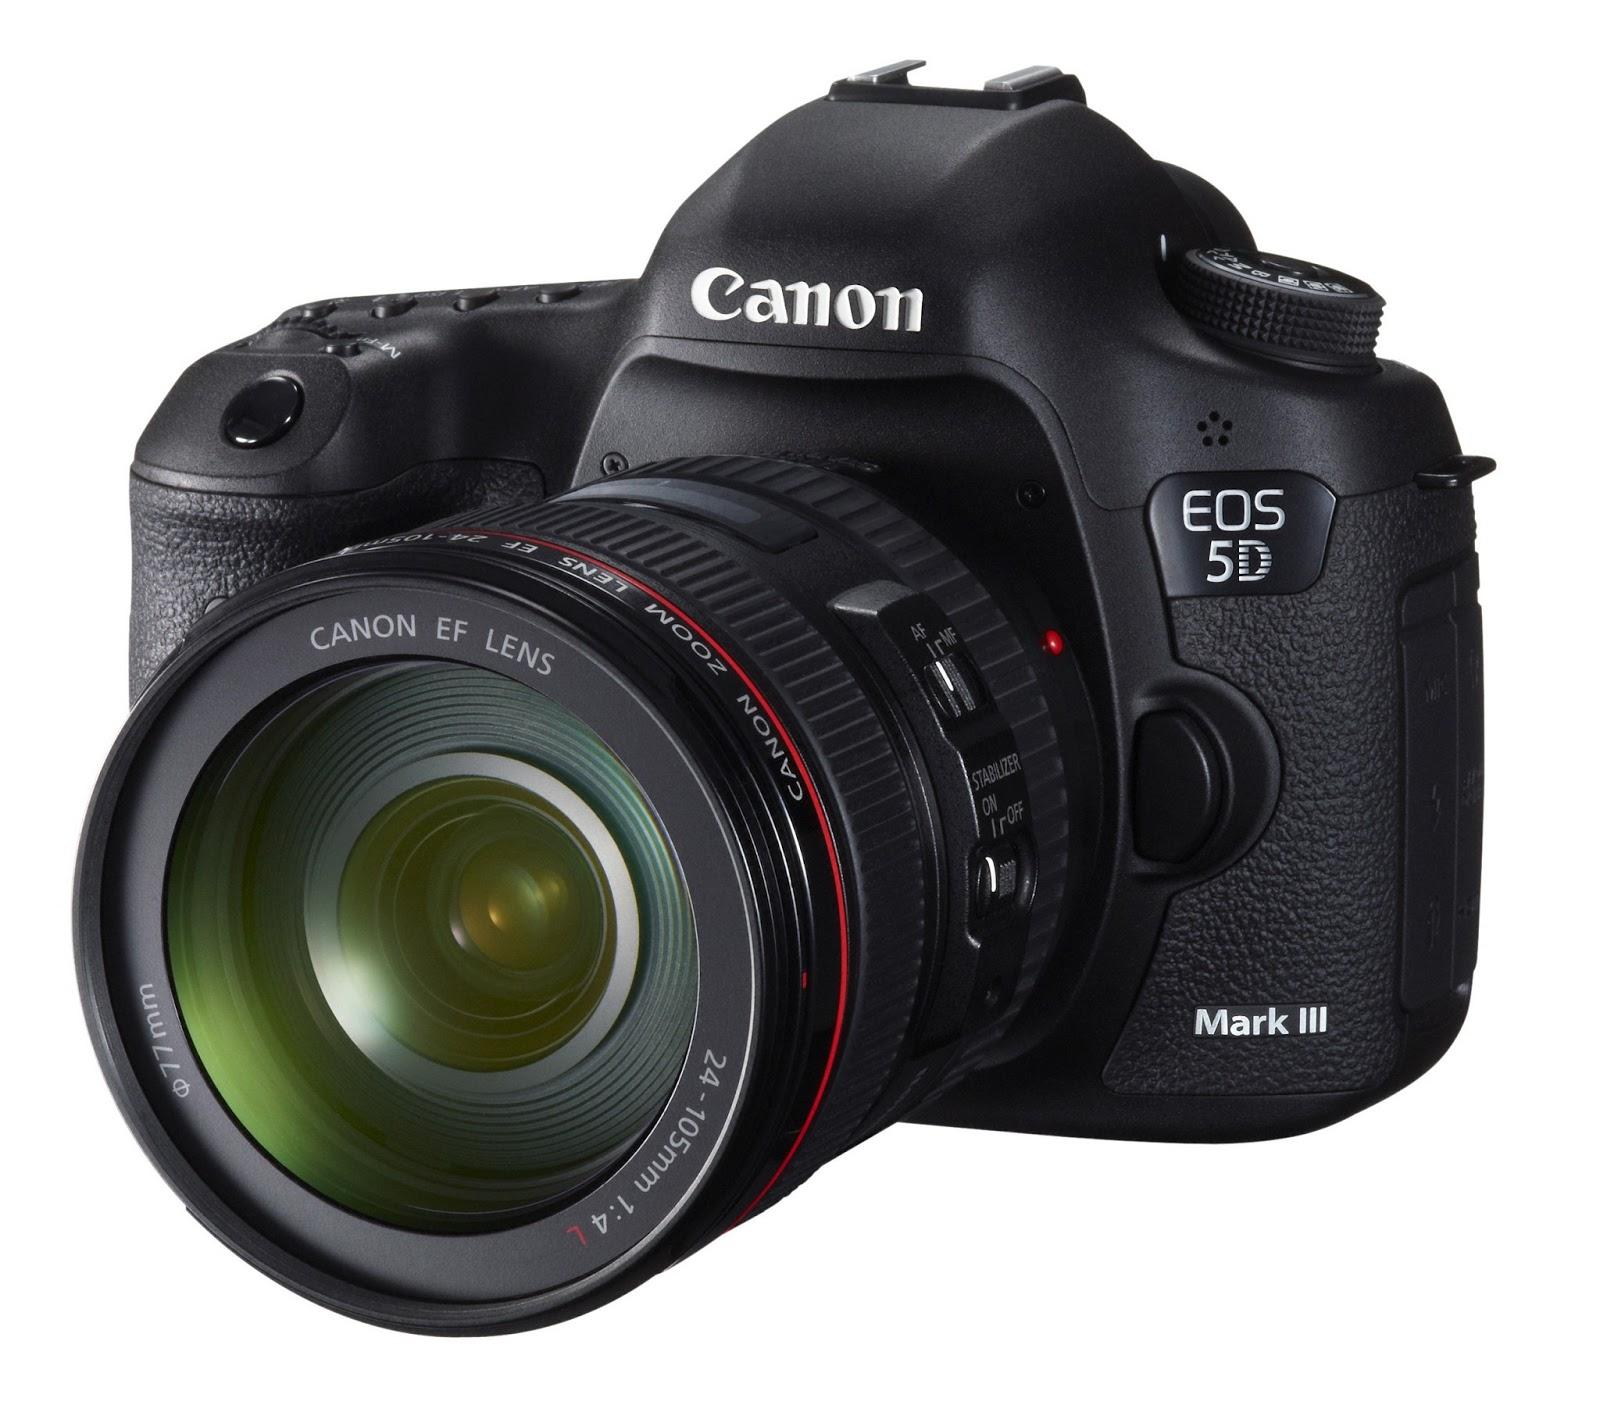 Kamera dslr canon yang bagus untuk video 4k